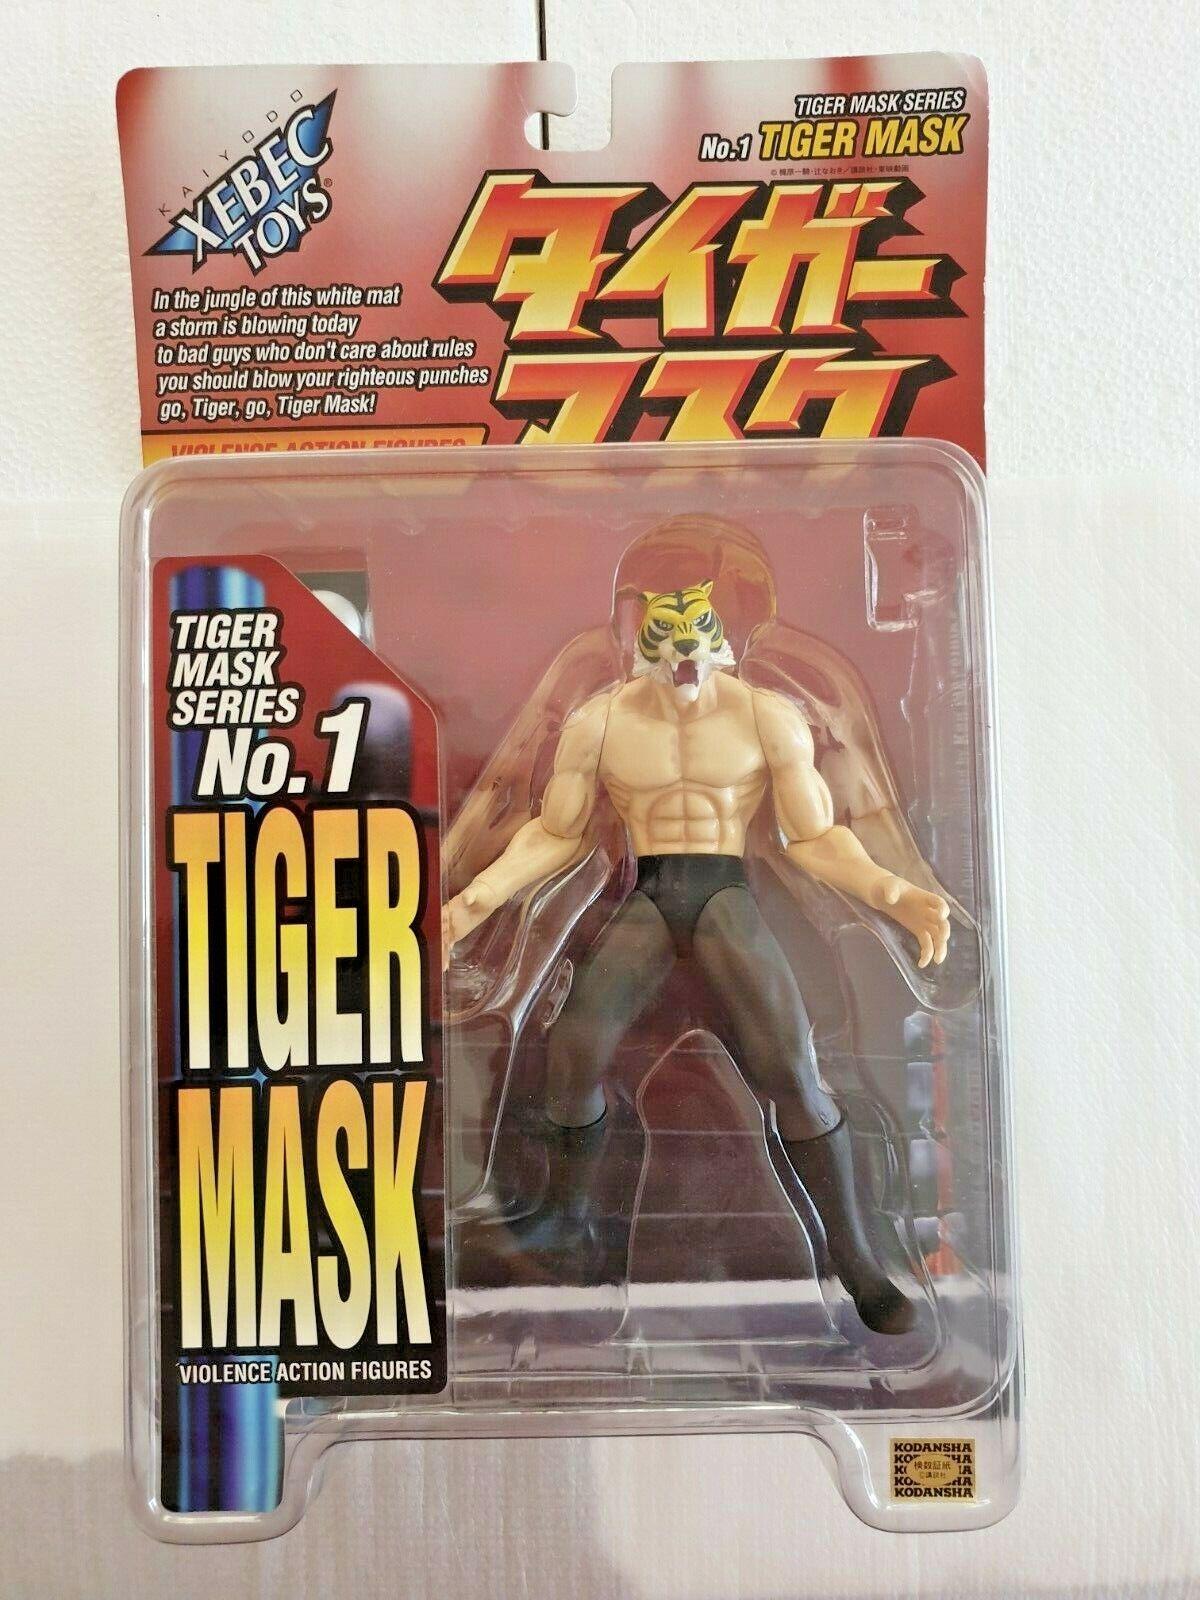 XEBEC giocattoli violenza azione cifra Uomo Tigre Tiger Mask serie NR 1 Uomo Tigre